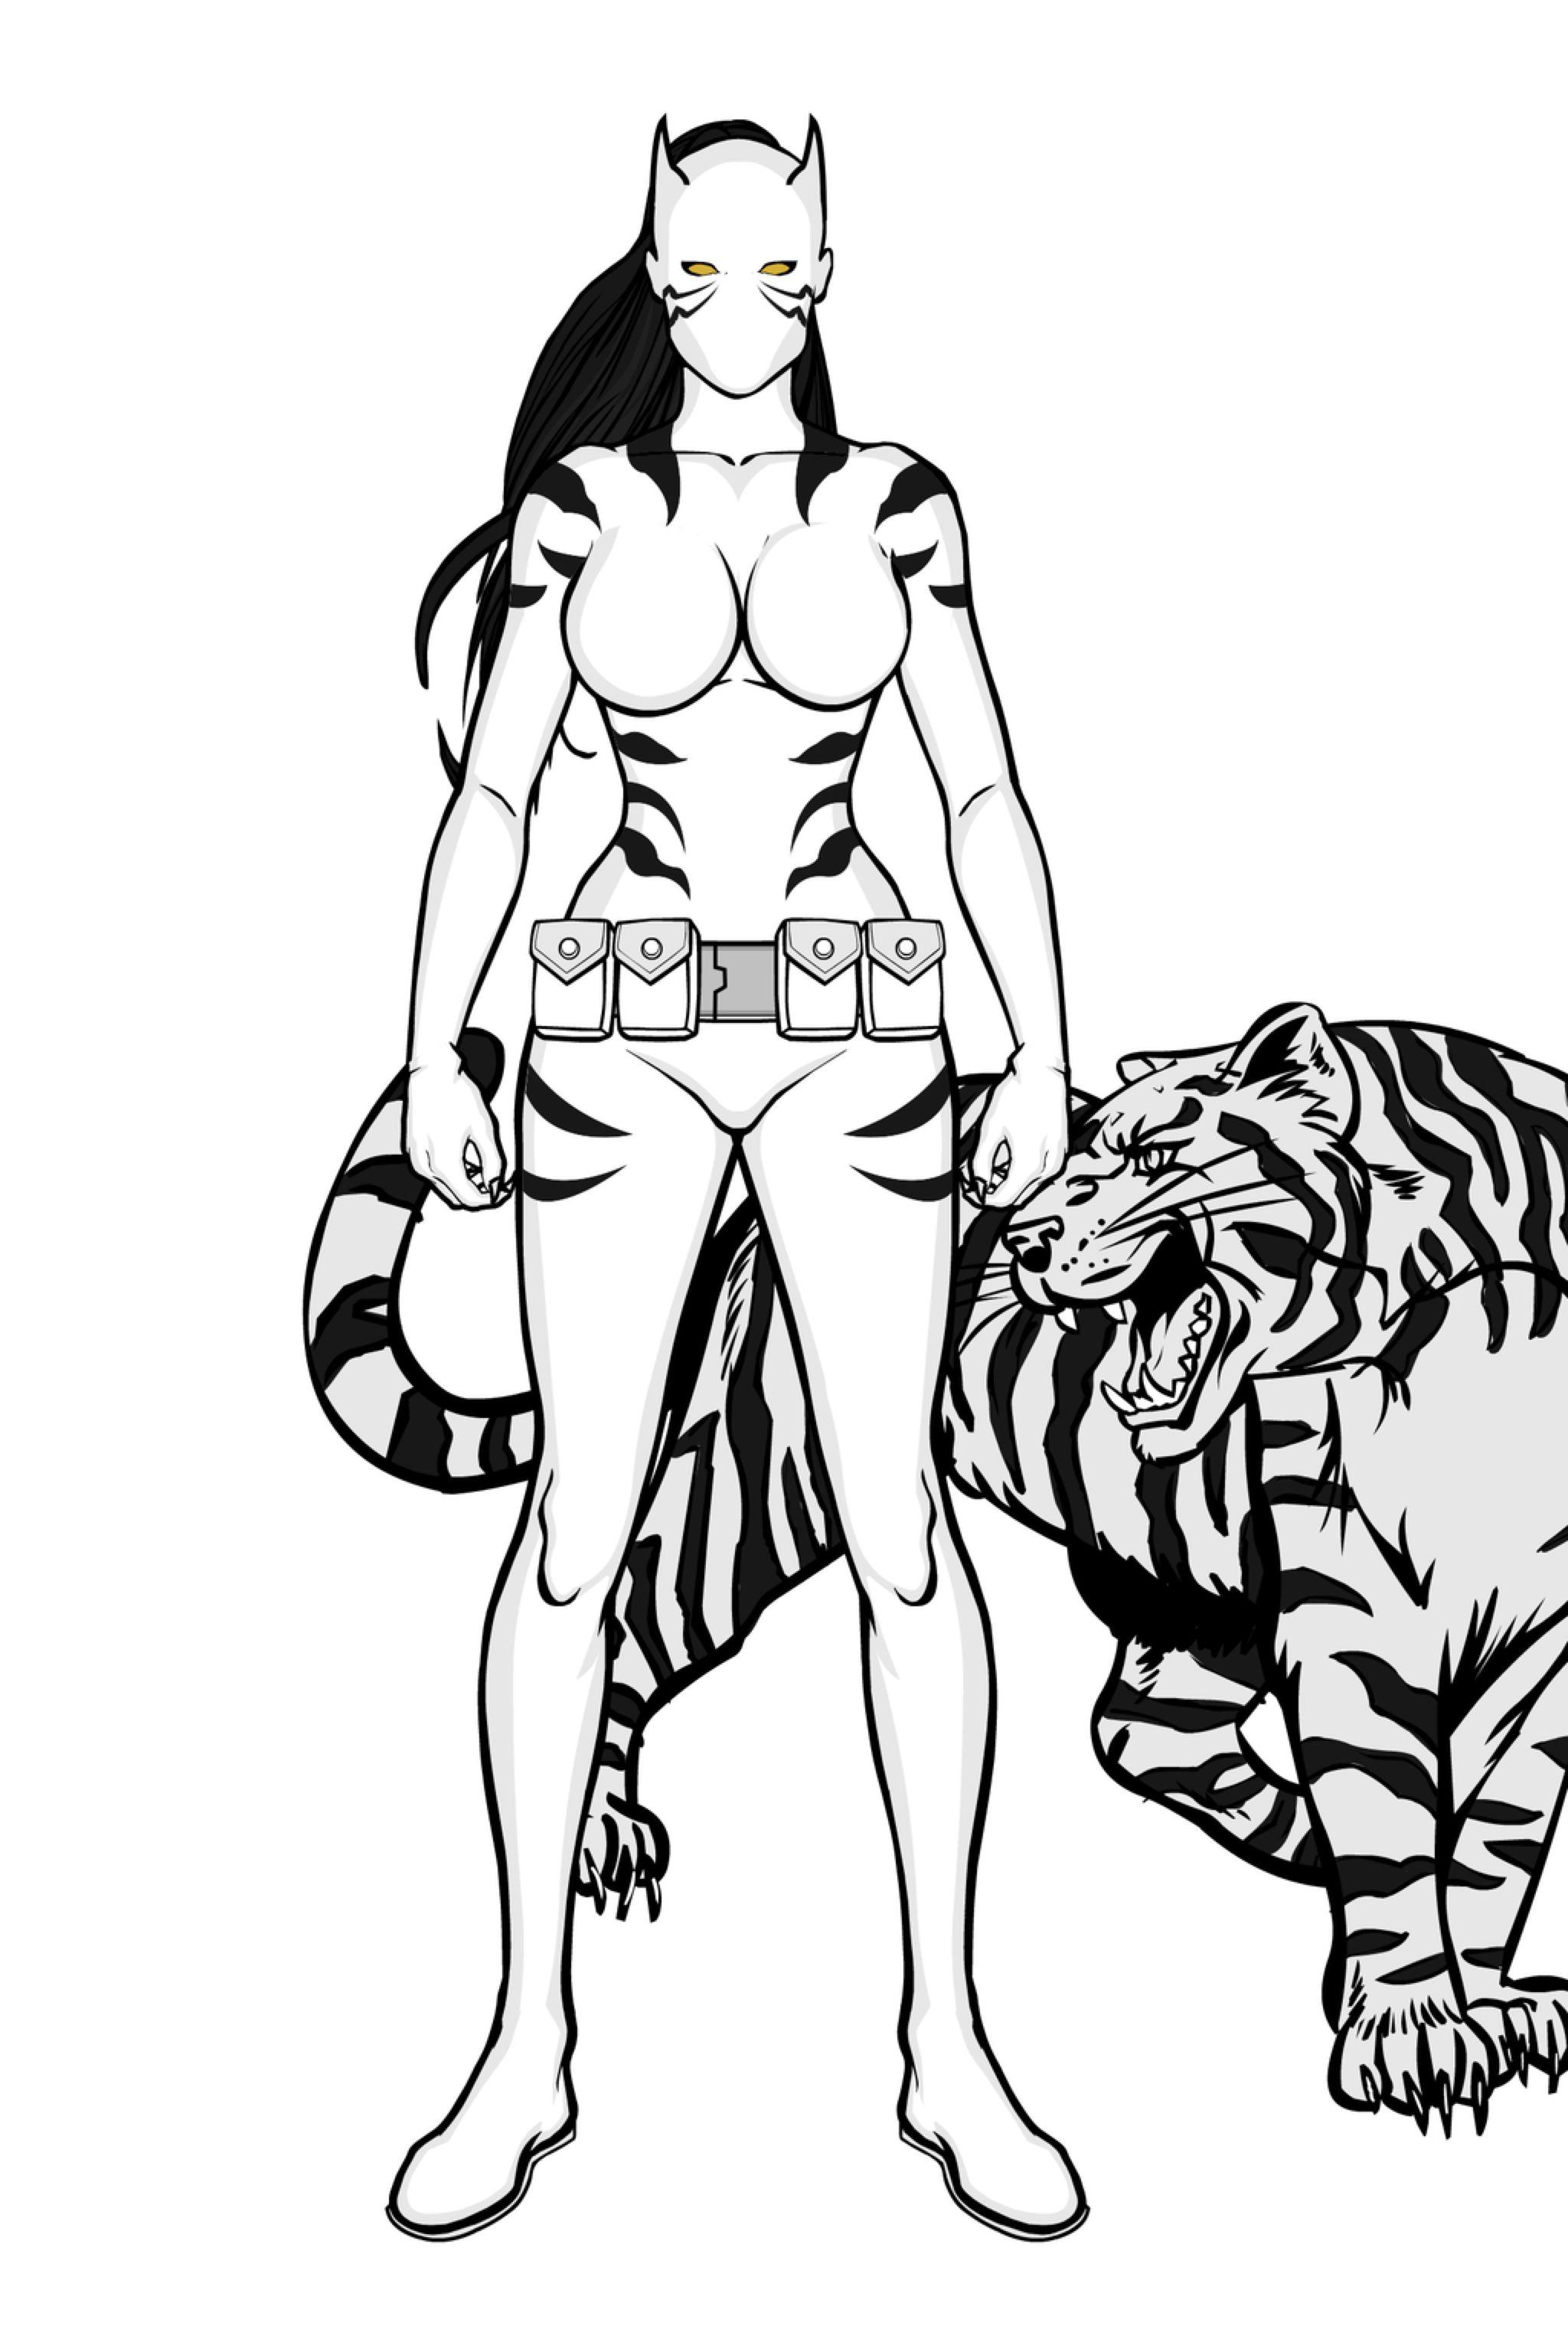 картинки белая тигрица из человека научно-образовательного